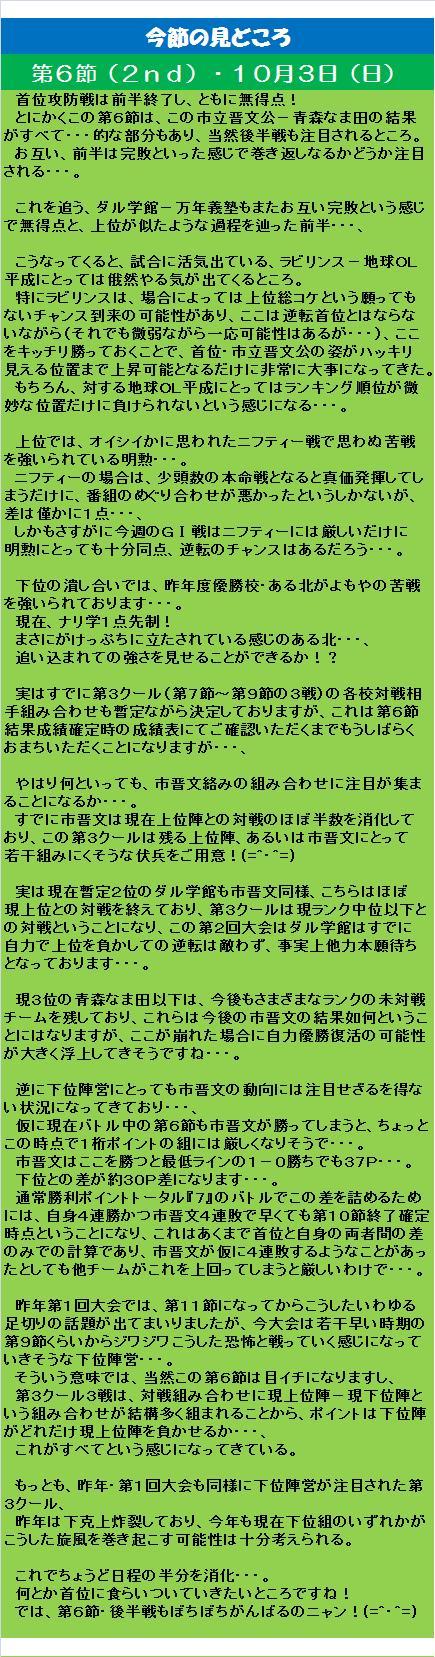 20100930・ダルマンリーグ今週の見どころ.jpg